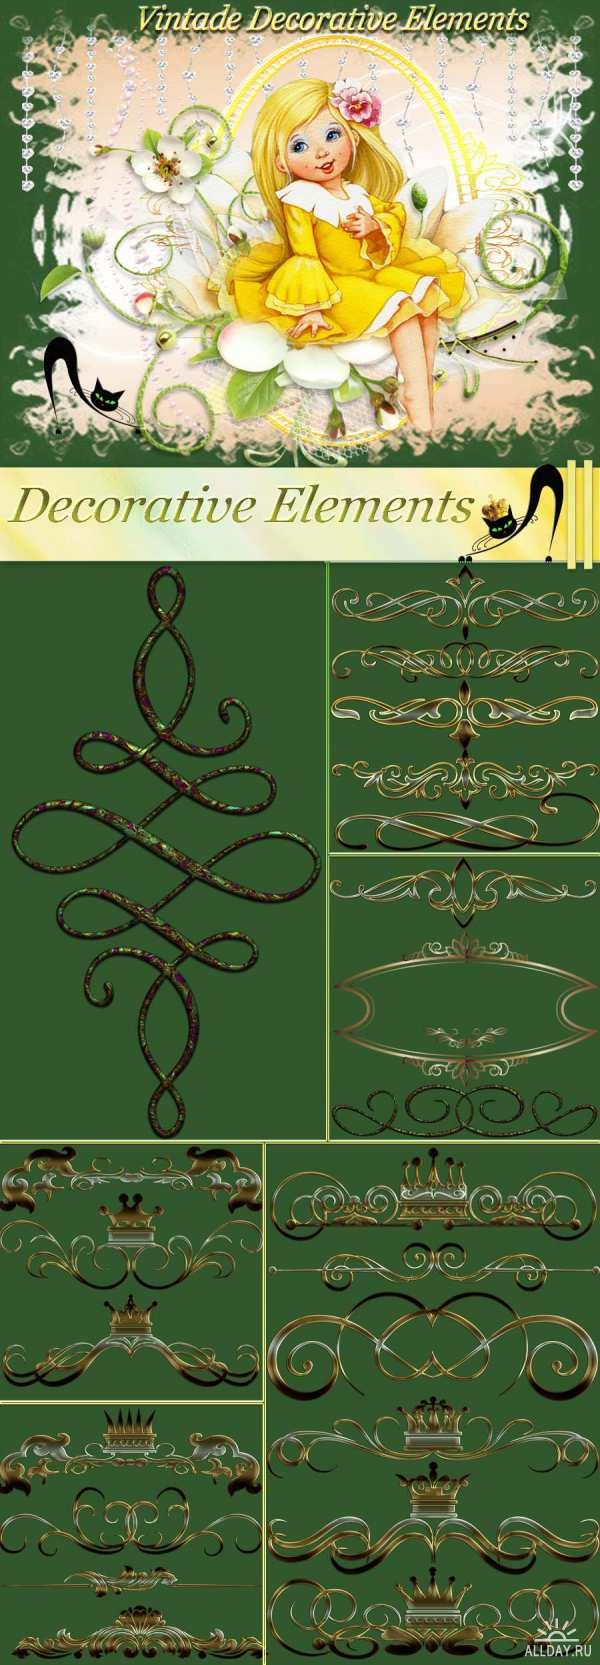 Винтажные декоративные элементы - Клипарт PNG